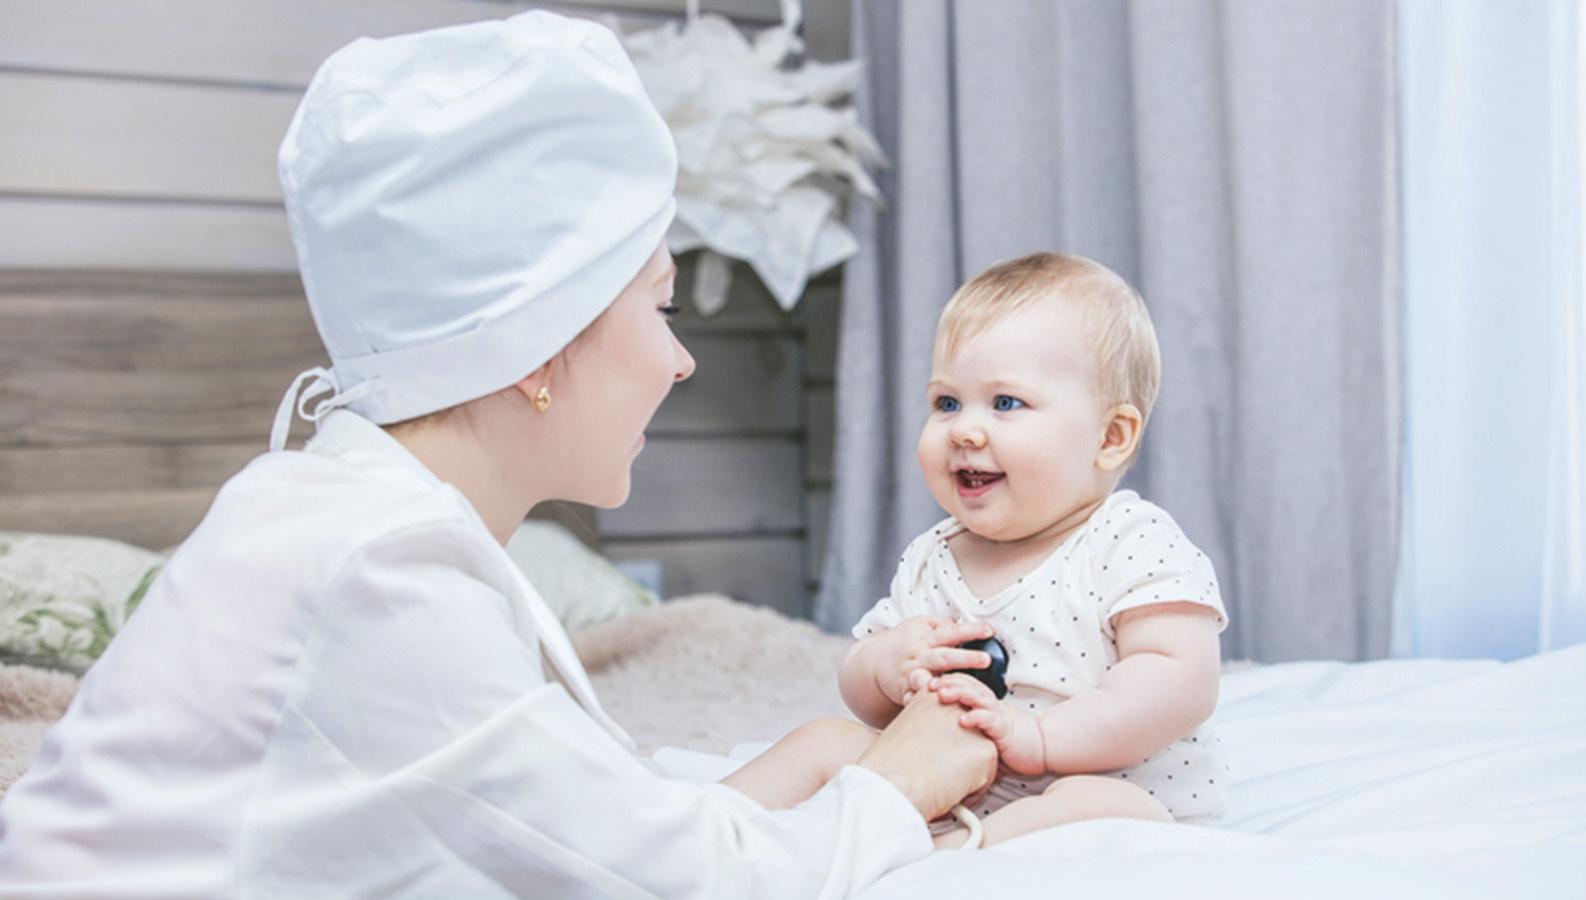 Тюменские хирурги «отремонтировали» сердце новорожденного